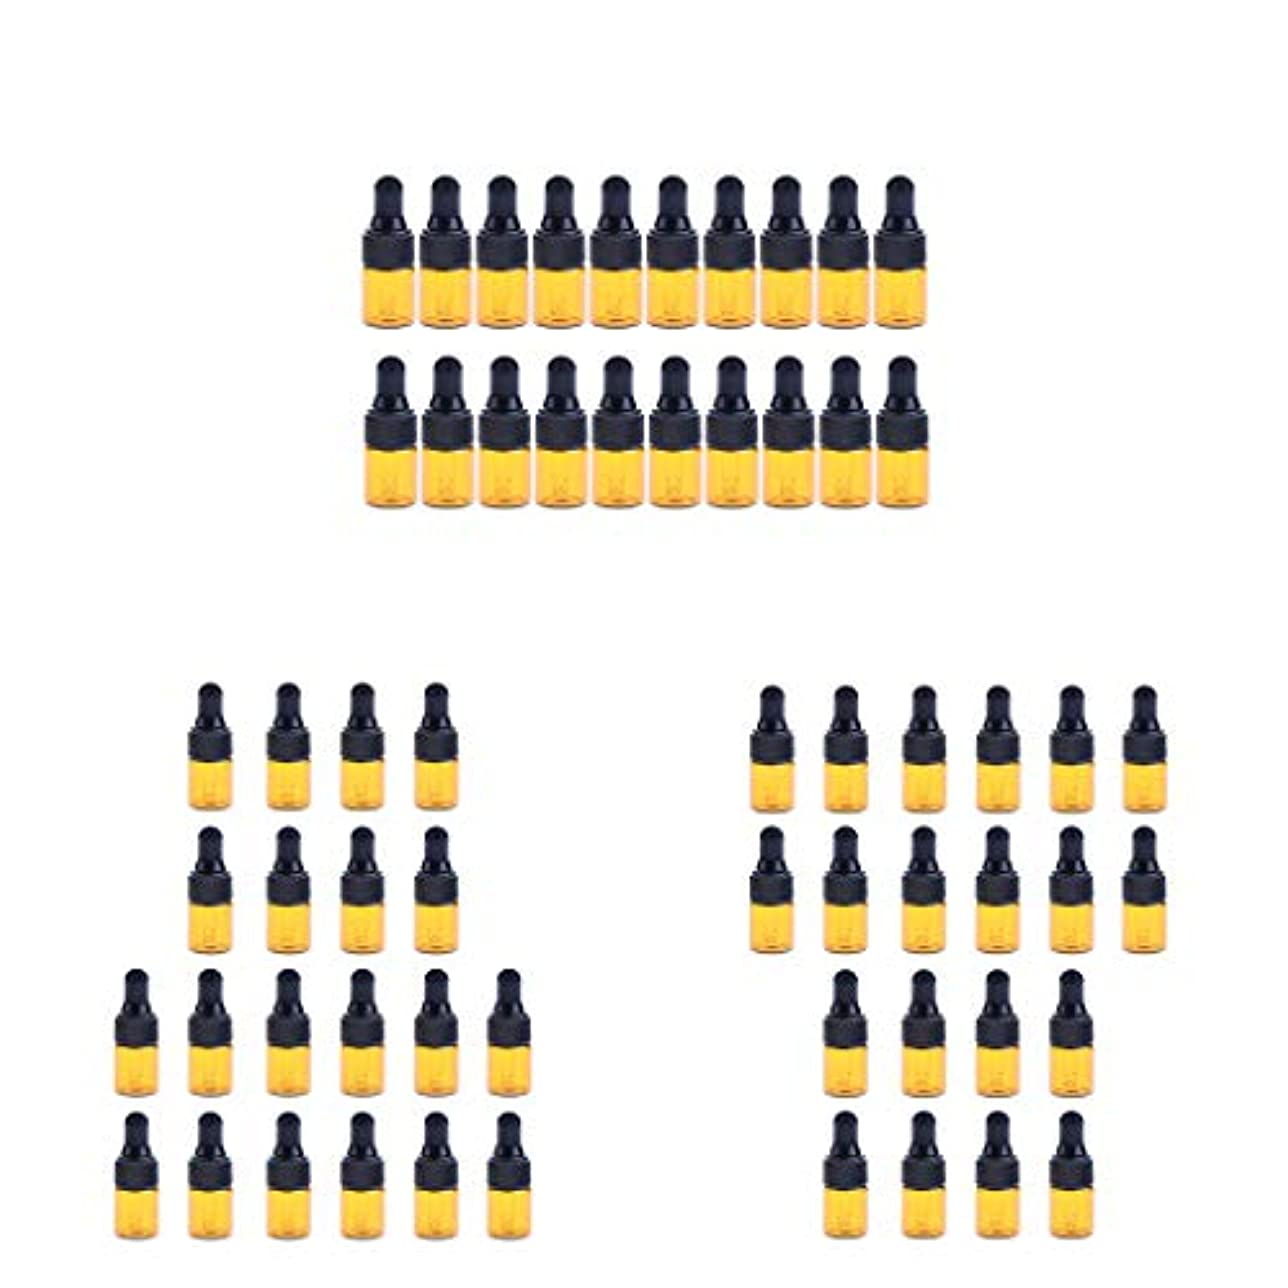 天国方向インフレーションドロッパーボトル エッセンシャルオイル ボトル 3 Ml アロマ 詰め替え容器